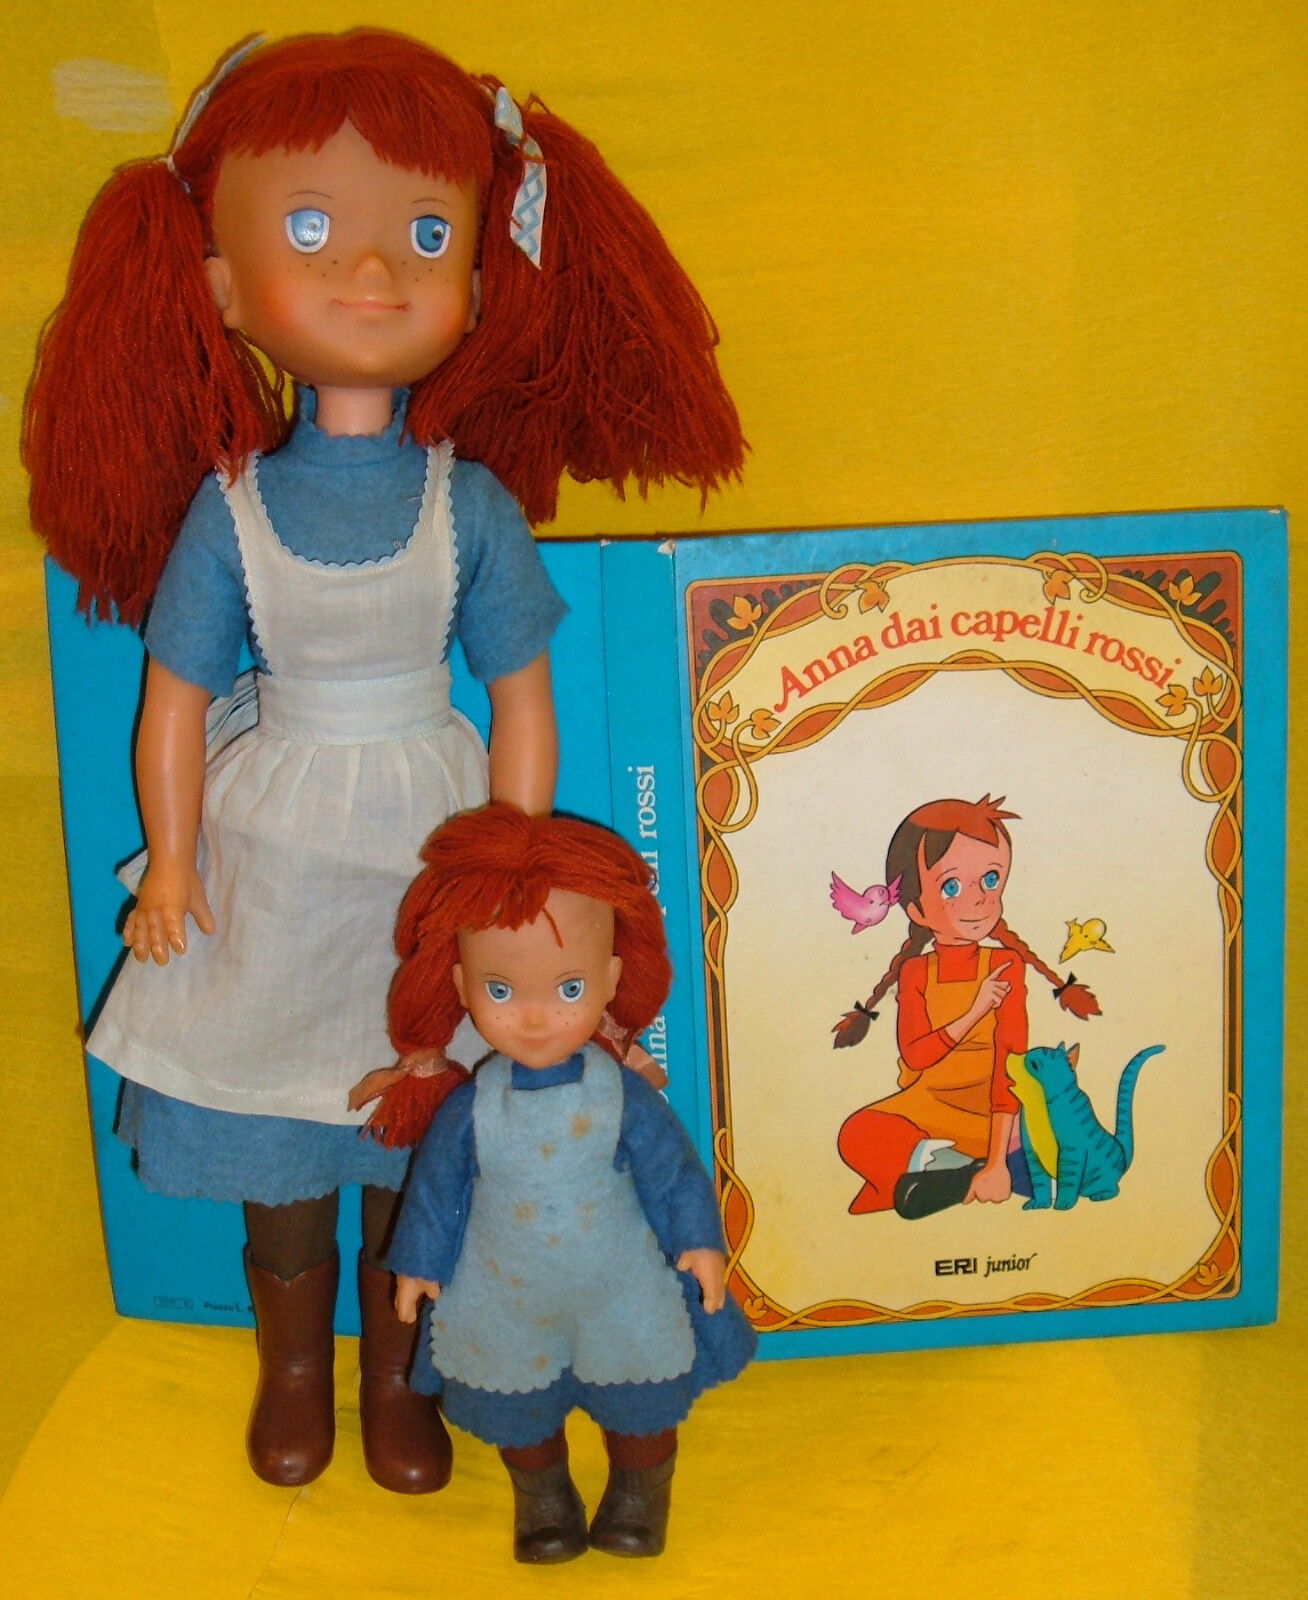 ANNA CAPELLI ROJO ANNE VERDE GABLES MUÑECA FURGA 24/36 FIGURA doll LIBRO BOOK